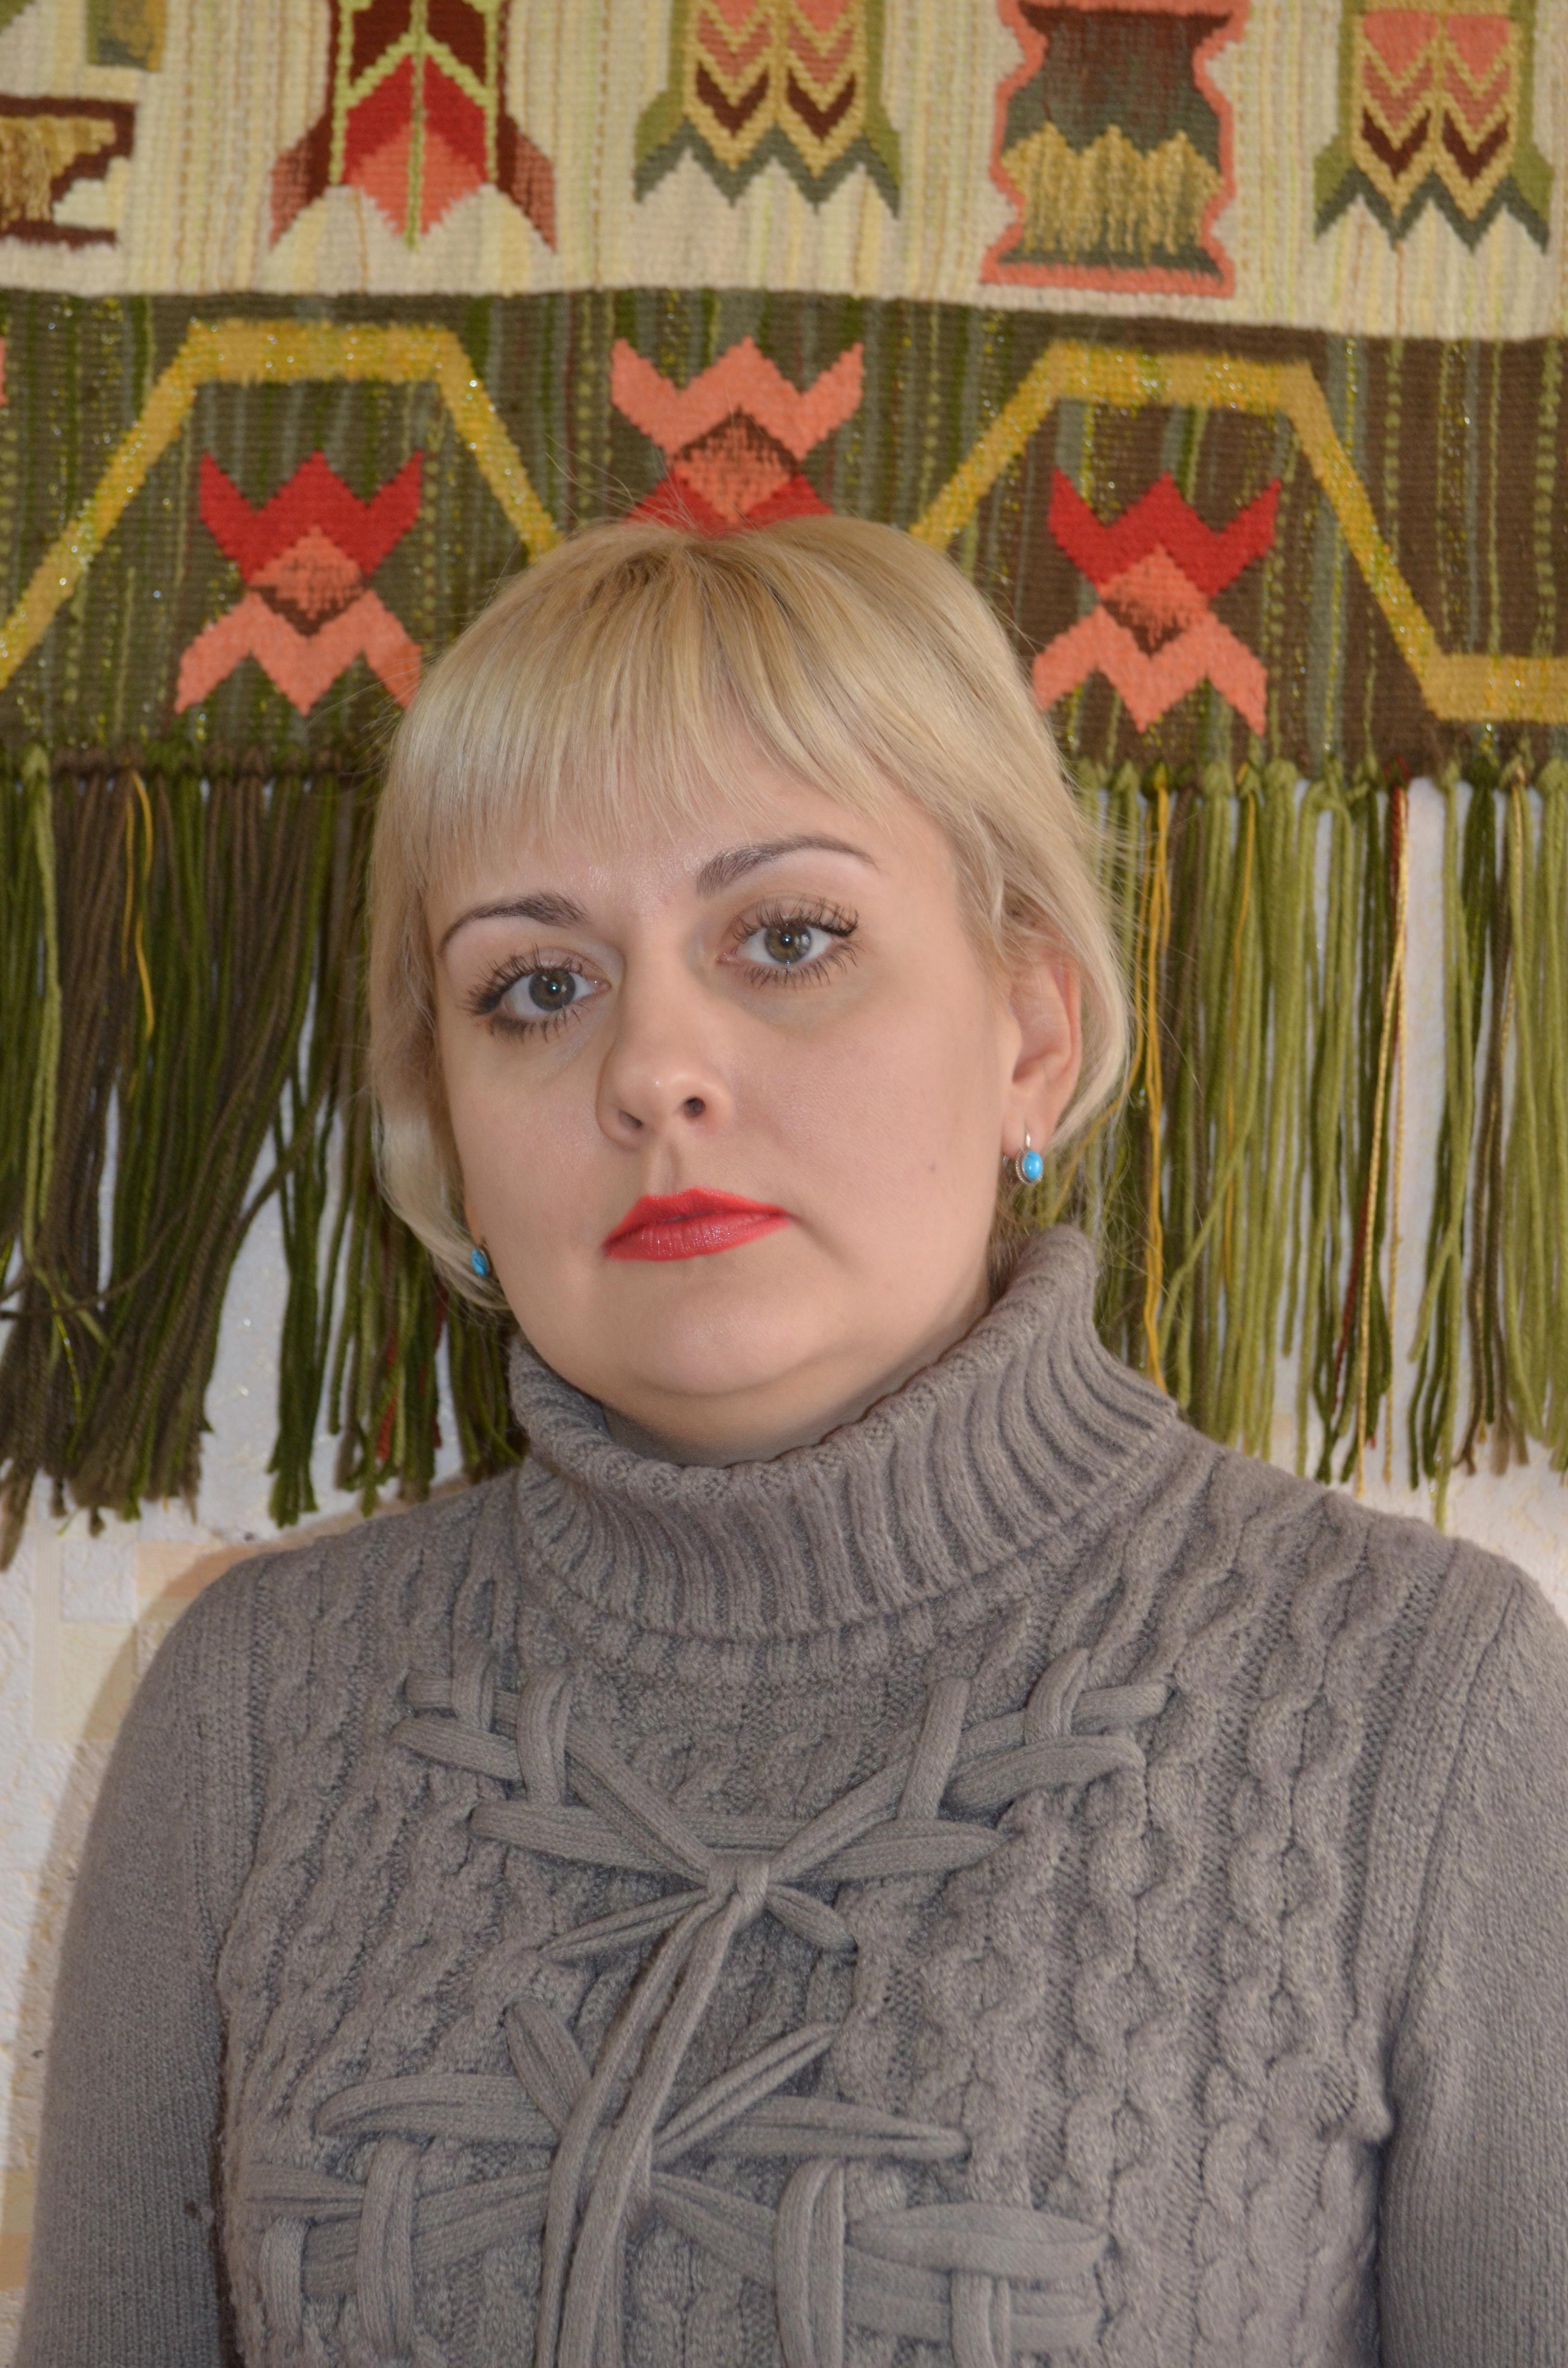 Смольнікова Анастасія Володимирівна